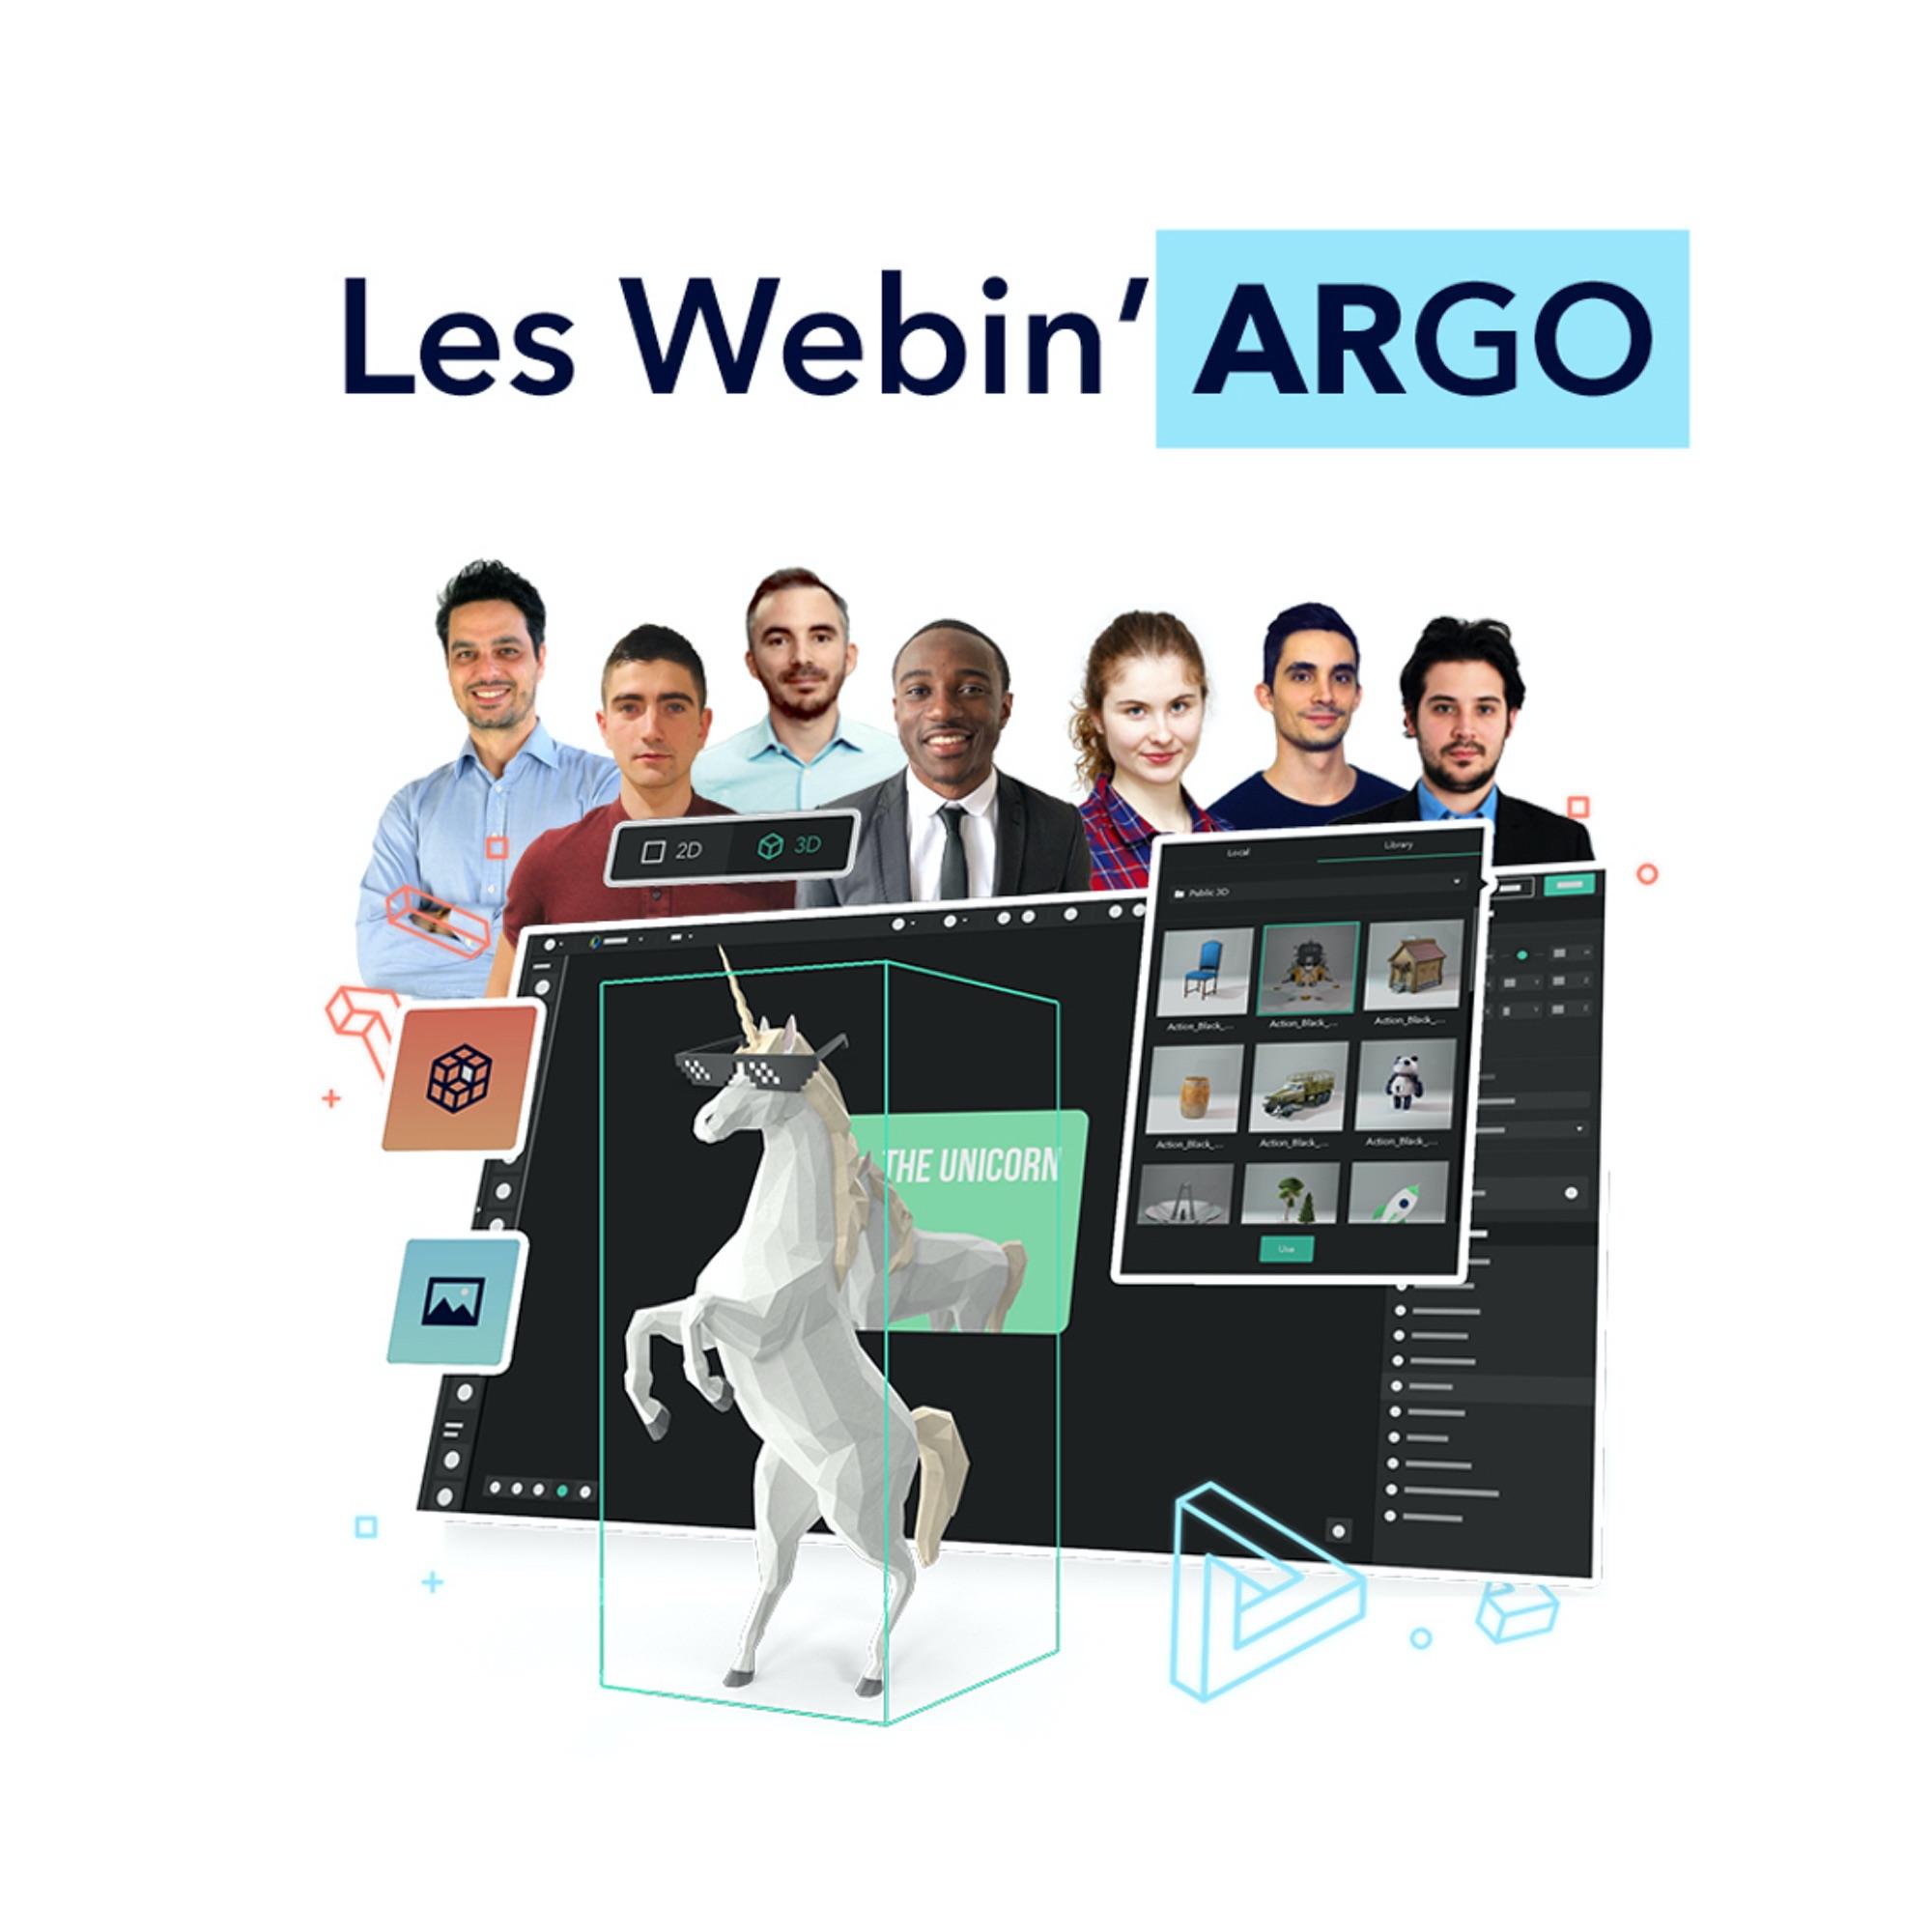 webinARGO, ARGO's free webinars